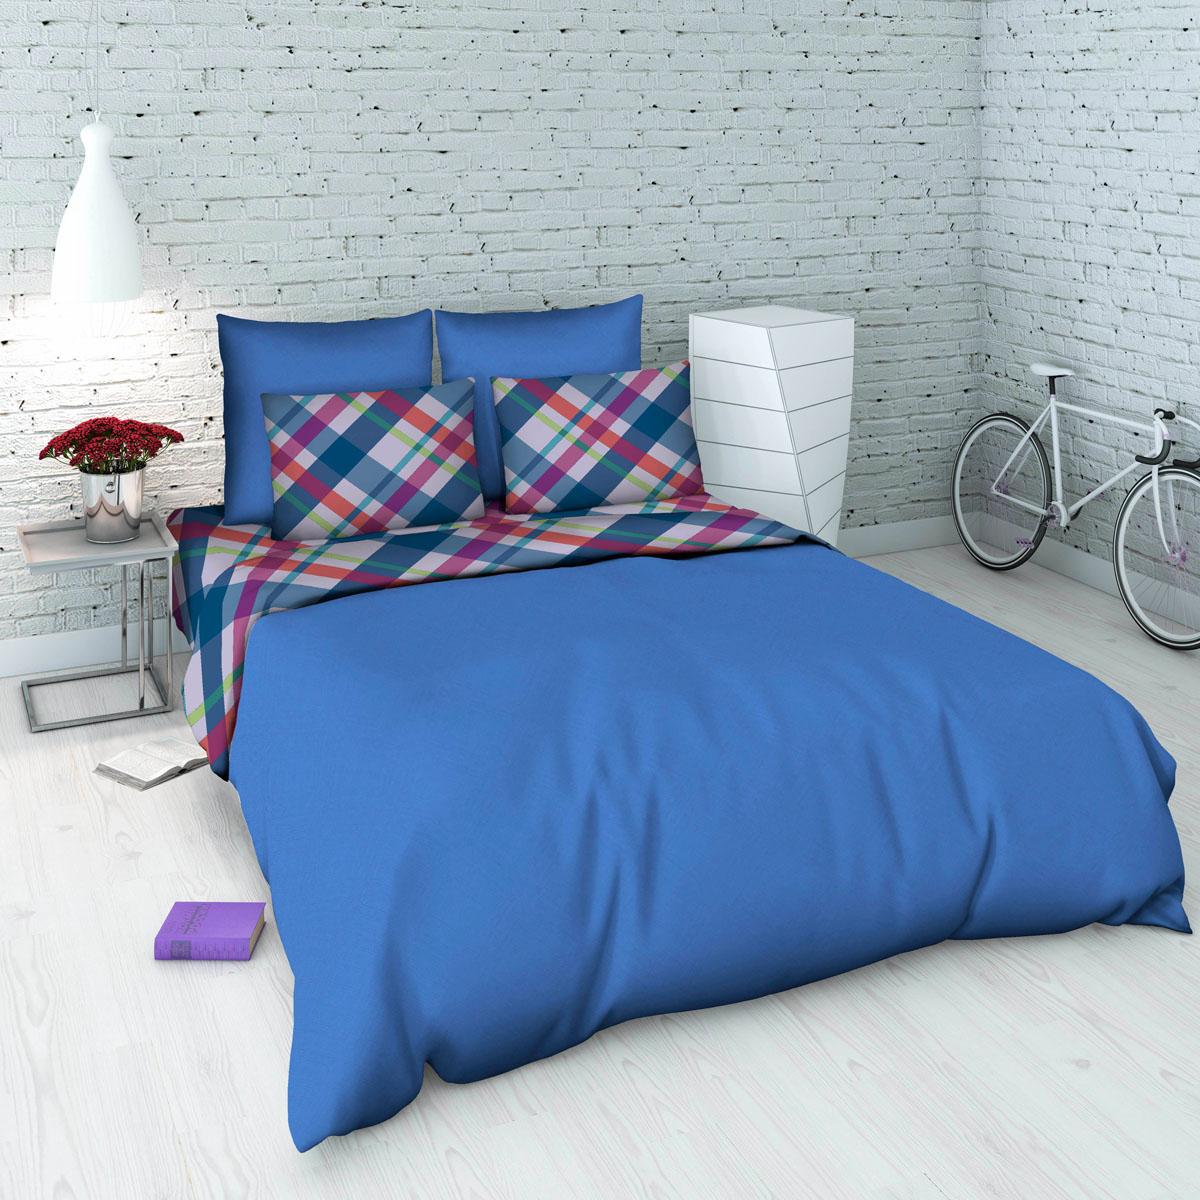 Комплект белья Василиса, 1,5-спальный, наволочки 70х70, цвет: голубой. 5345_2/1,55345_2/1,5Комплект постельного белья Василиса состоит из пододеяльника, простыни и двух наволочек.Белье изготовлено из бязи (100% хлопка) - гипоаллергенного, экологичного, высококачественного, крупнозакрученного волокна. Использование особо тонкой пряжи делает ткань мягче на ощупь, обеспечивает легкое глажение и позволяет передать всю насыщенность цветовой гаммы. Благодаря более плотному переплетению нитей и использованию высококачественных импортных красителей постельное белье выдерживает до 70 стирок. На ткани не образуются катышки.Способ застегивания наволочки - клапан, пододеяльника - отверстие без застежки по краю изделия с подвернутым краем. Приобретая комплект постельного белья Василиса, вы можете быть уверены в том, что покупка доставит вам удовольствие и подарит максимальный комфорт.Советы по выбору постельного белья от блогера Ирины Соковых. Статья OZON Гид